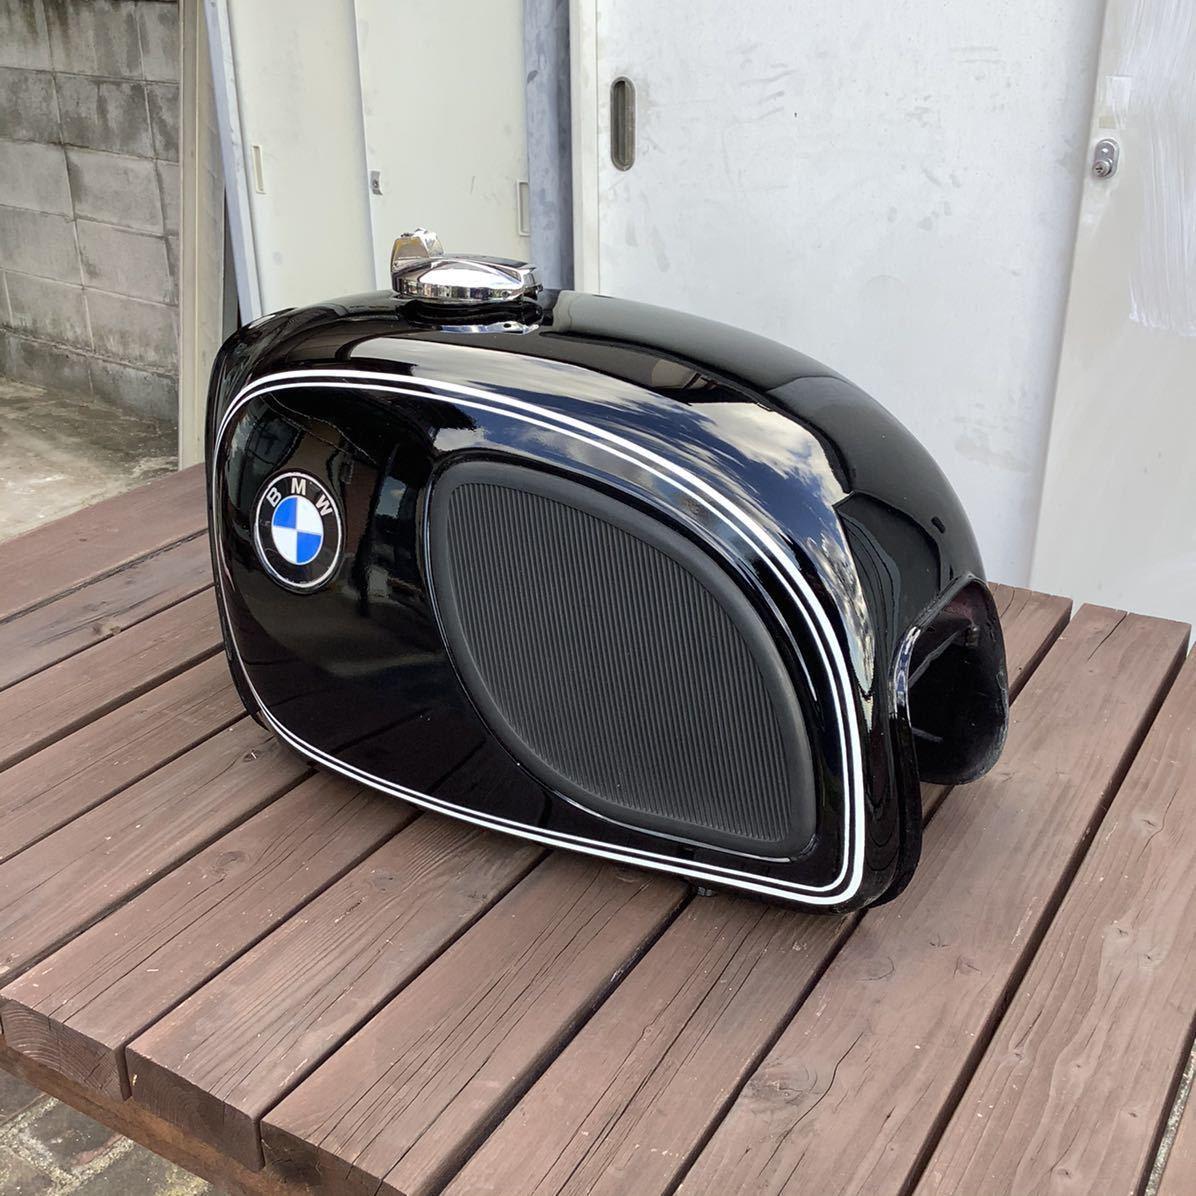 BMW R90/6 R75 R60 タンク 美品_画像2